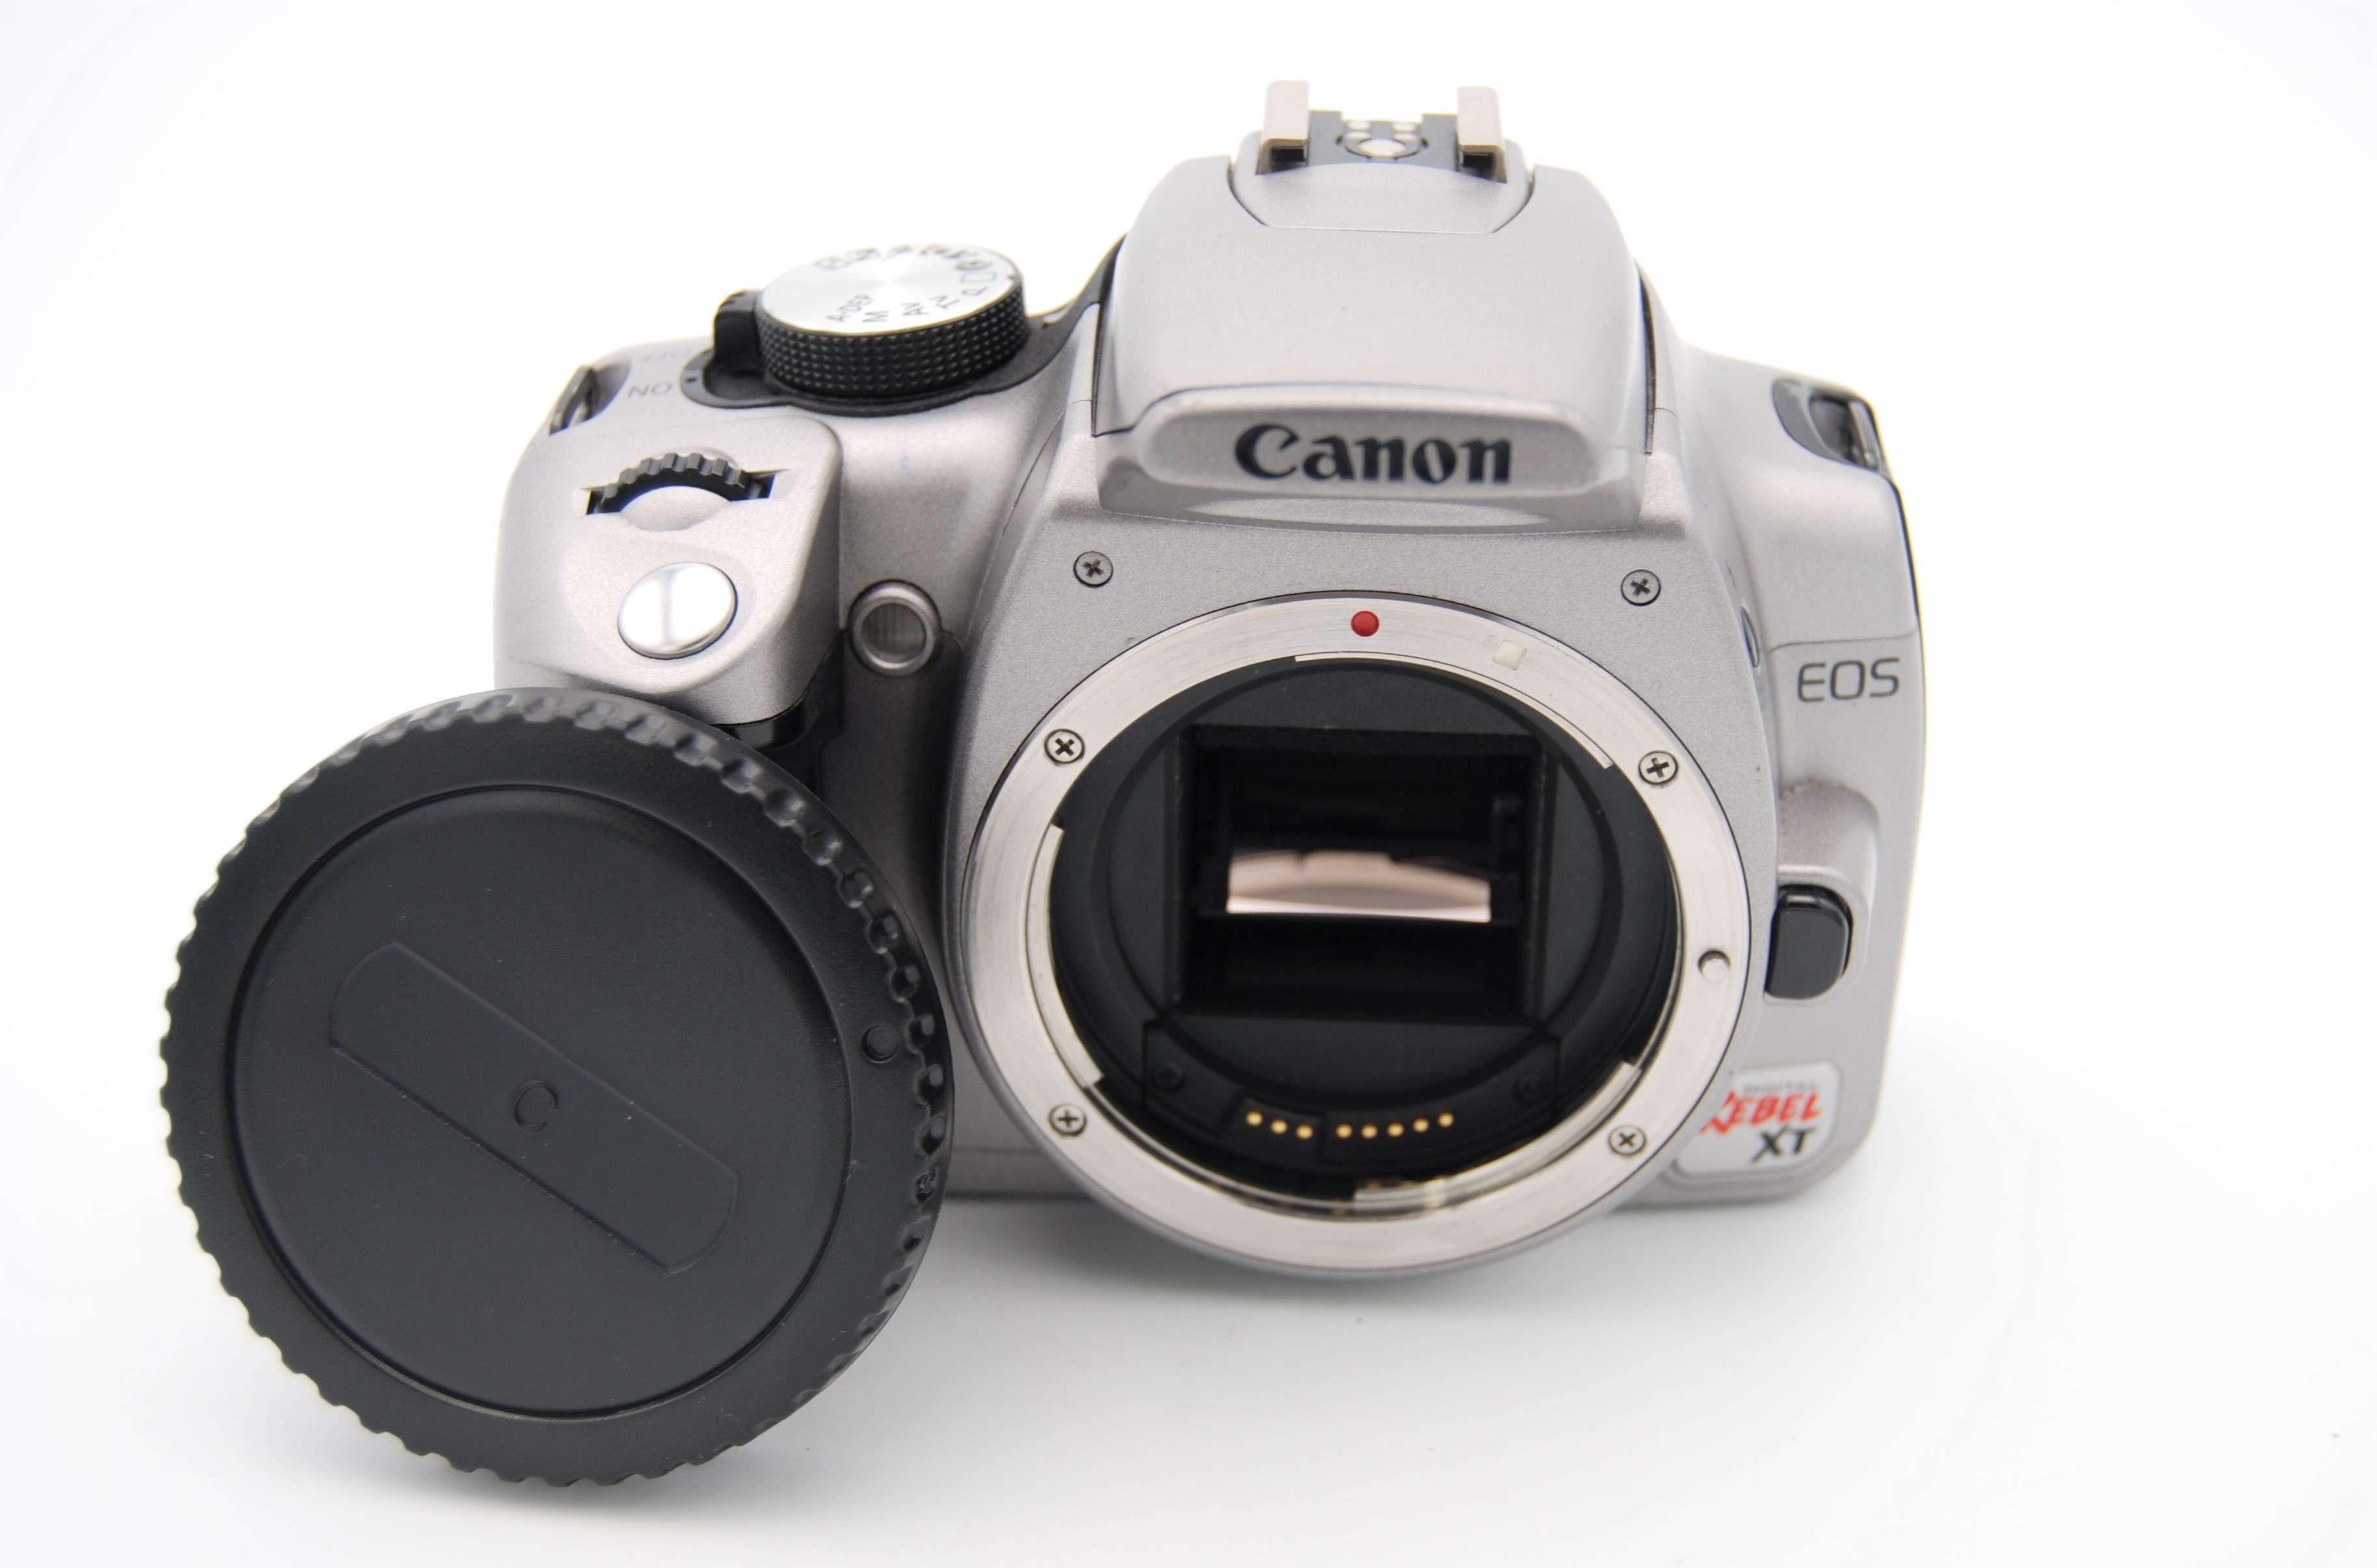 Peut-on recharger une batterie d'appareil photo numrique Appareille photo numerique canon